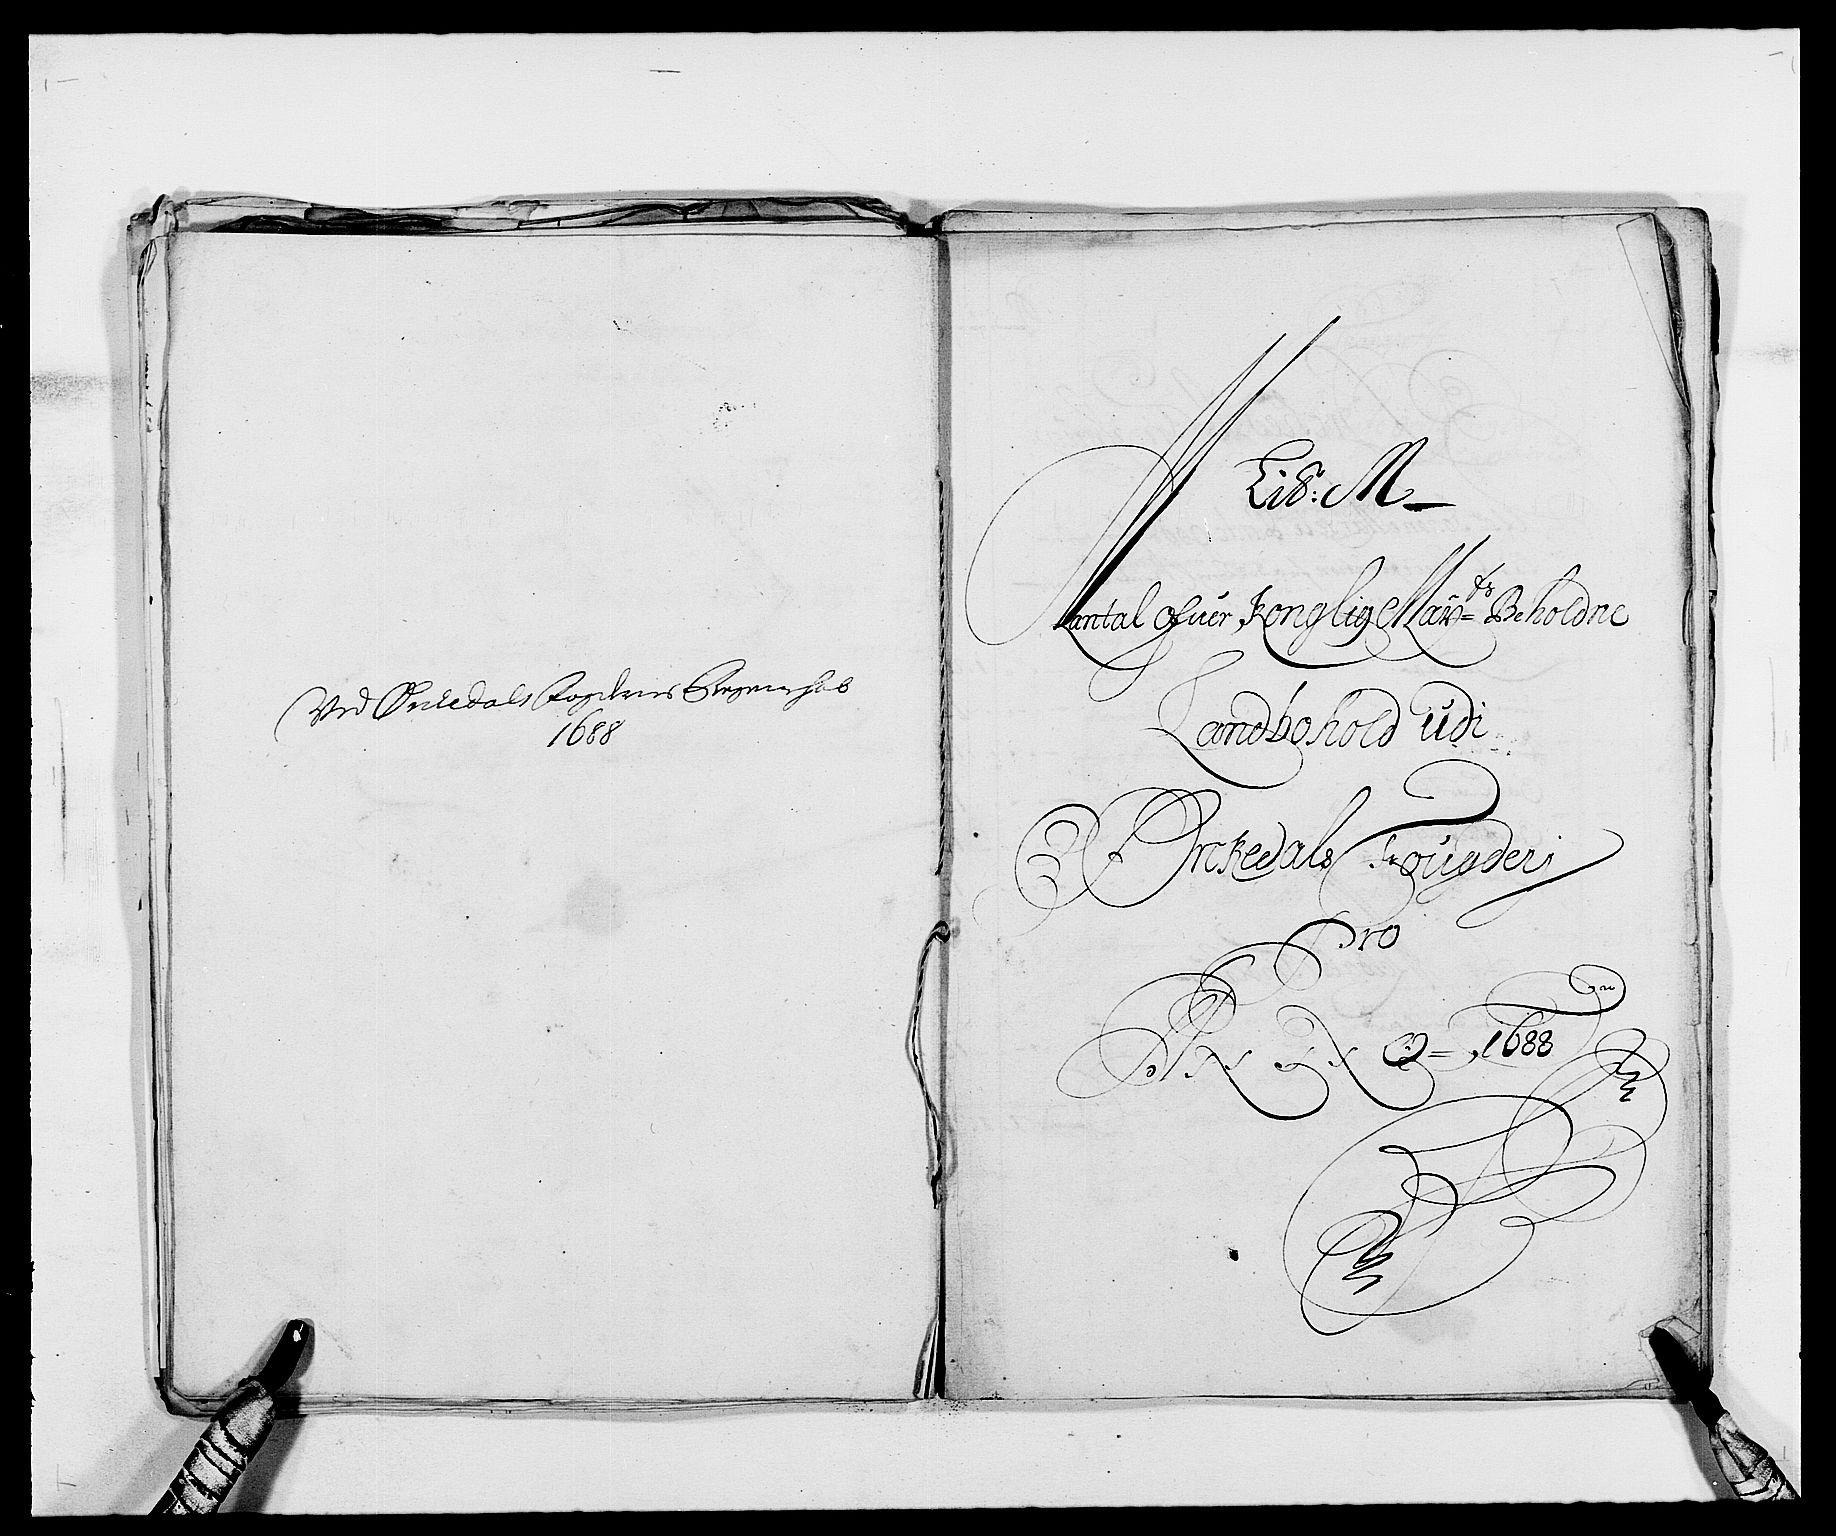 RA, Rentekammeret inntil 1814, Reviderte regnskaper, Fogderegnskap, R58/L3935: Fogderegnskap Orkdal, 1687-1688, s. 333